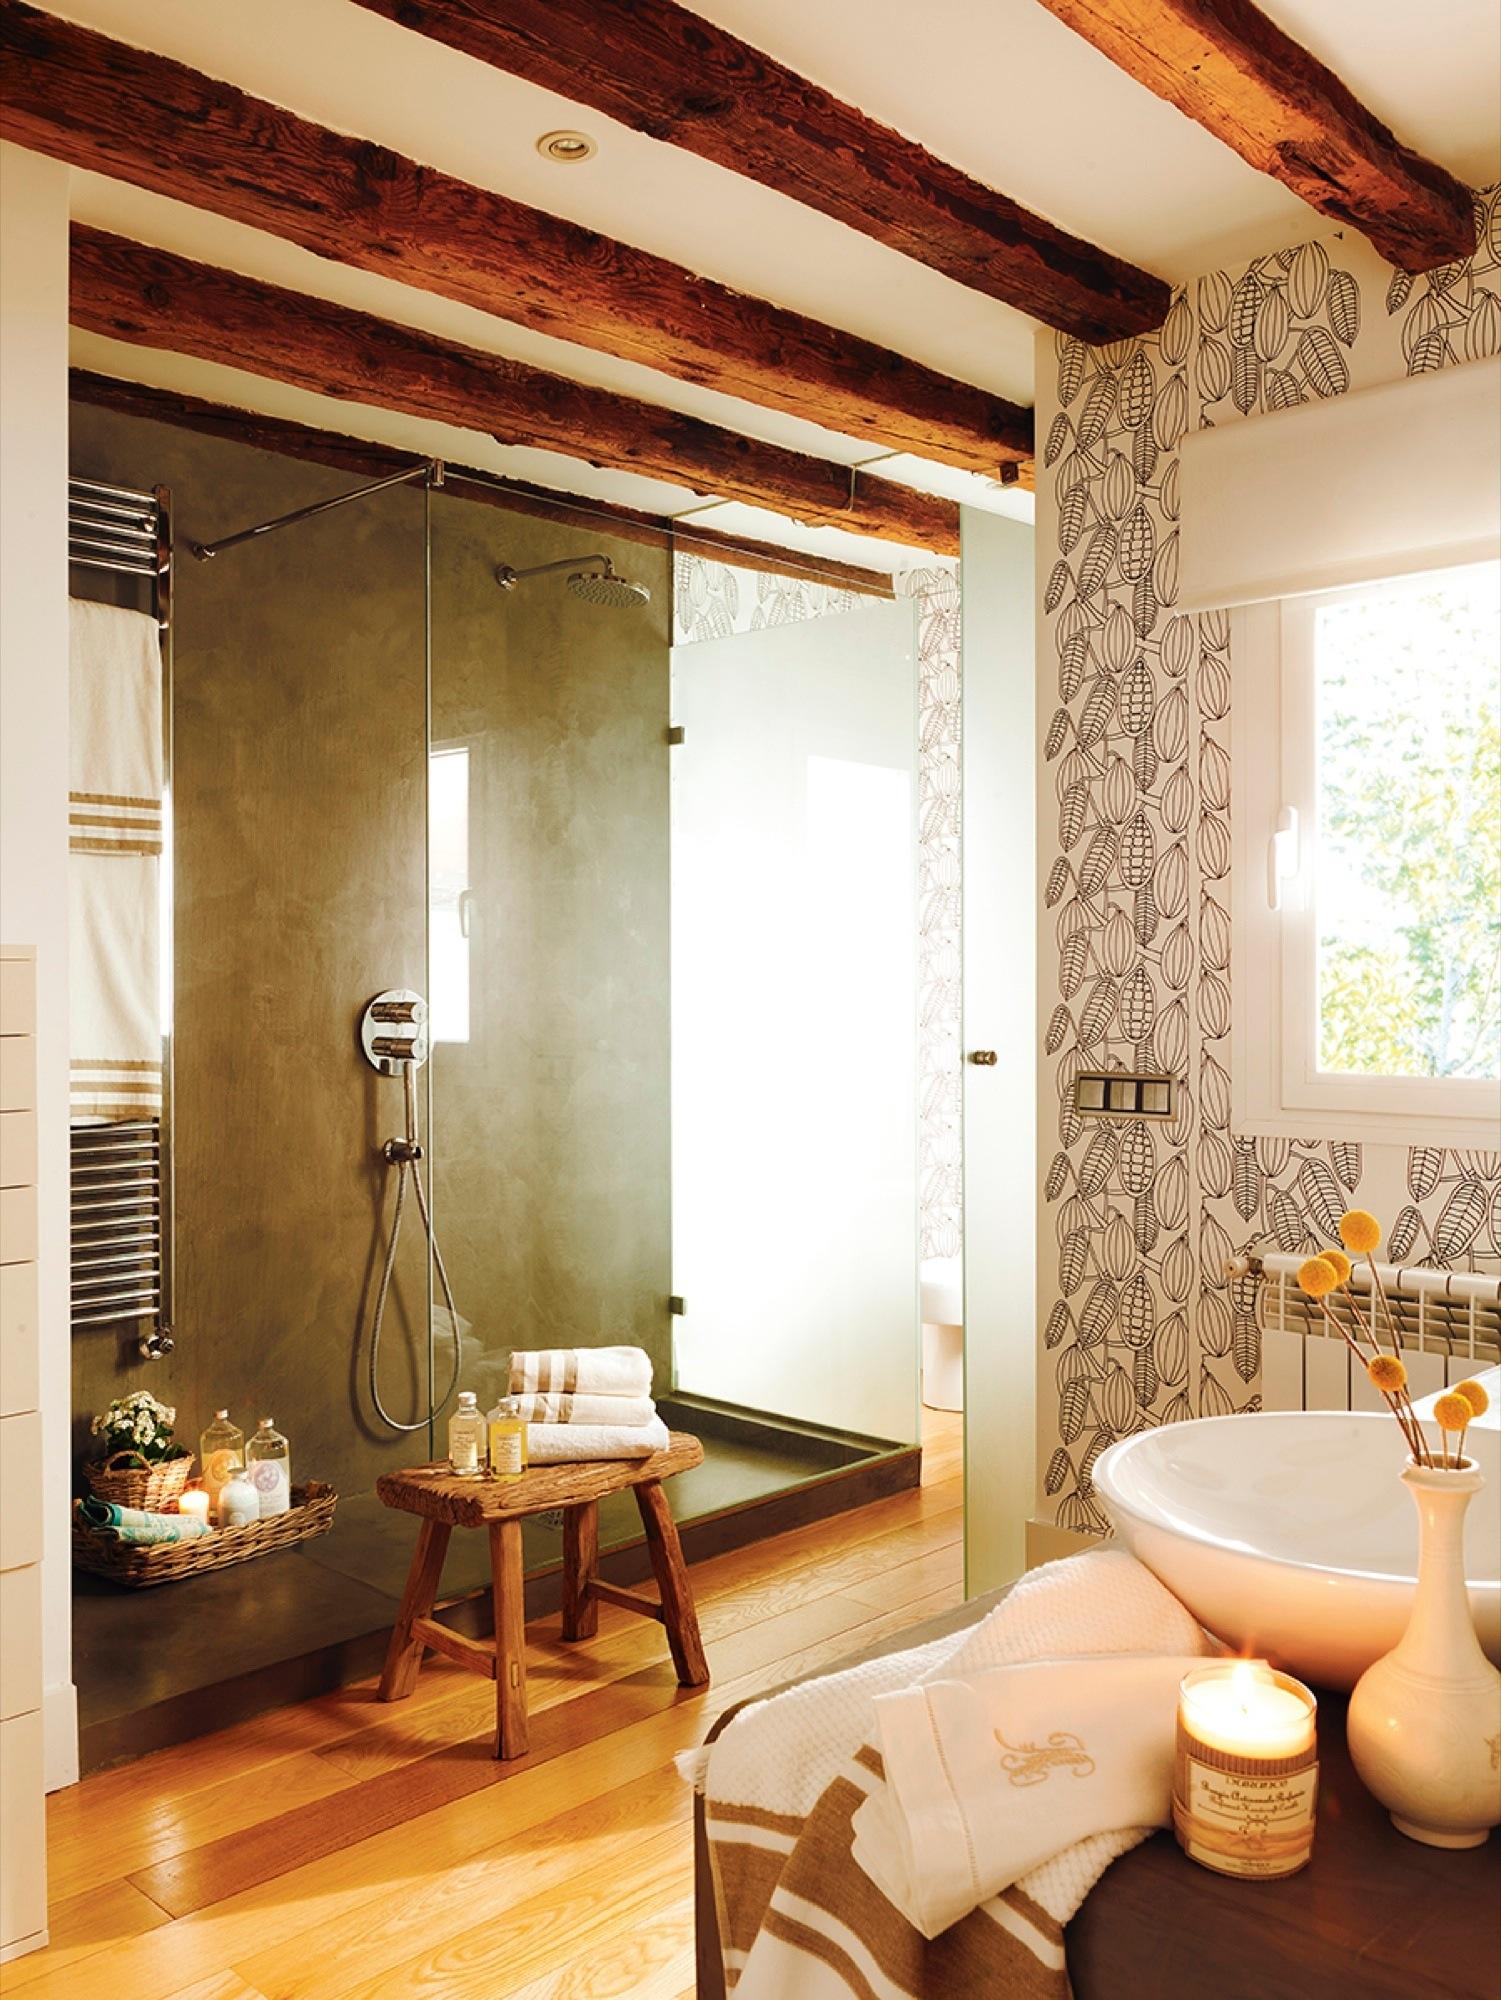 Decora tu casa con papel pintado - Papel pintado bano ...